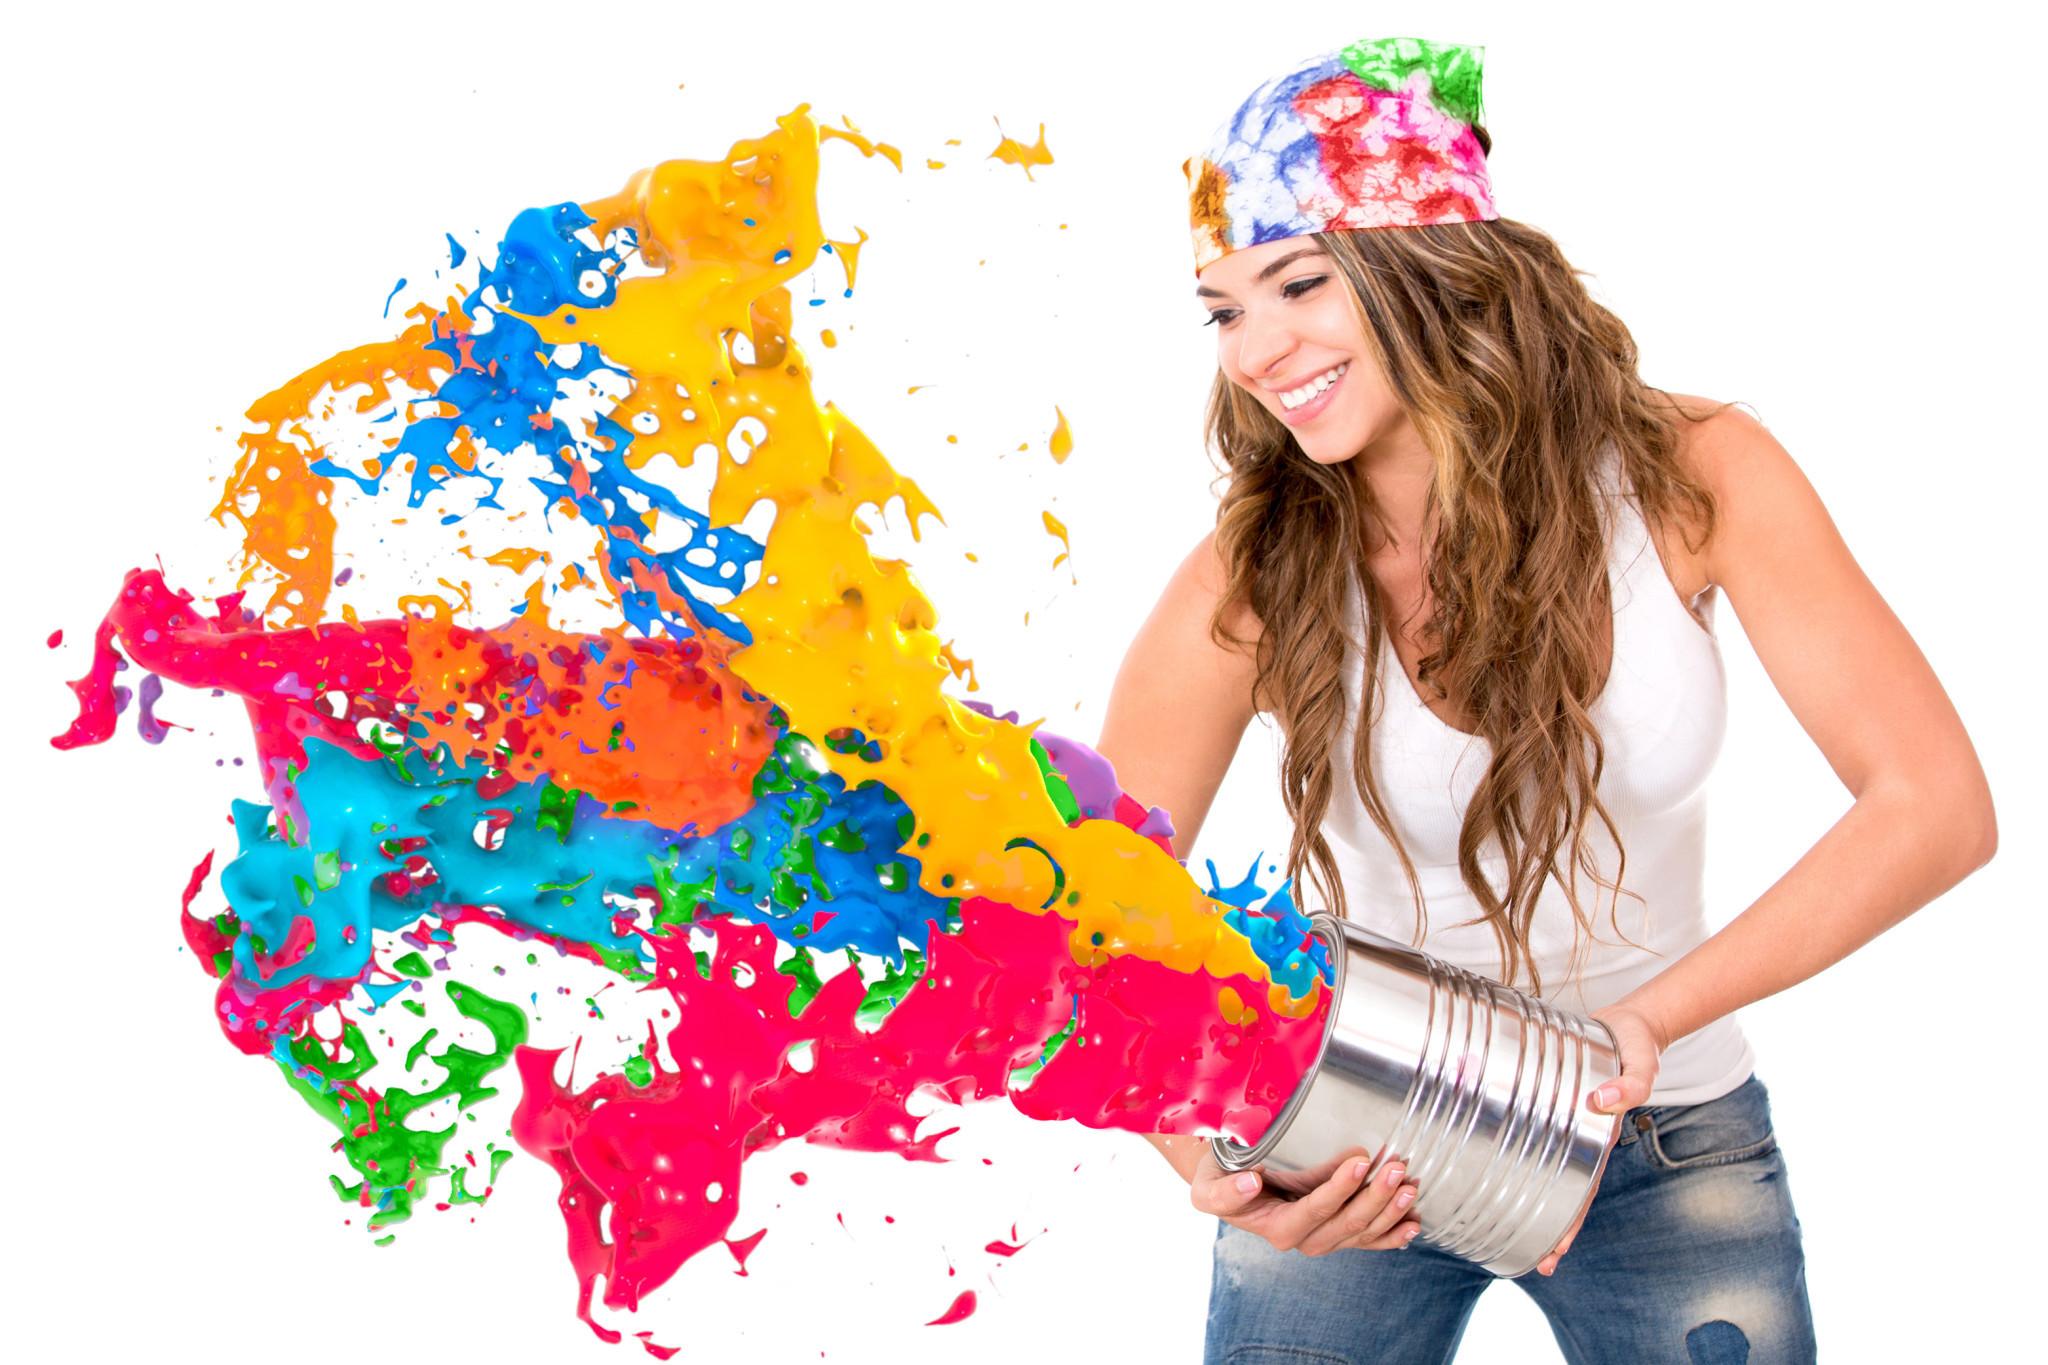 Арт-терапия: учимся рисовать радость